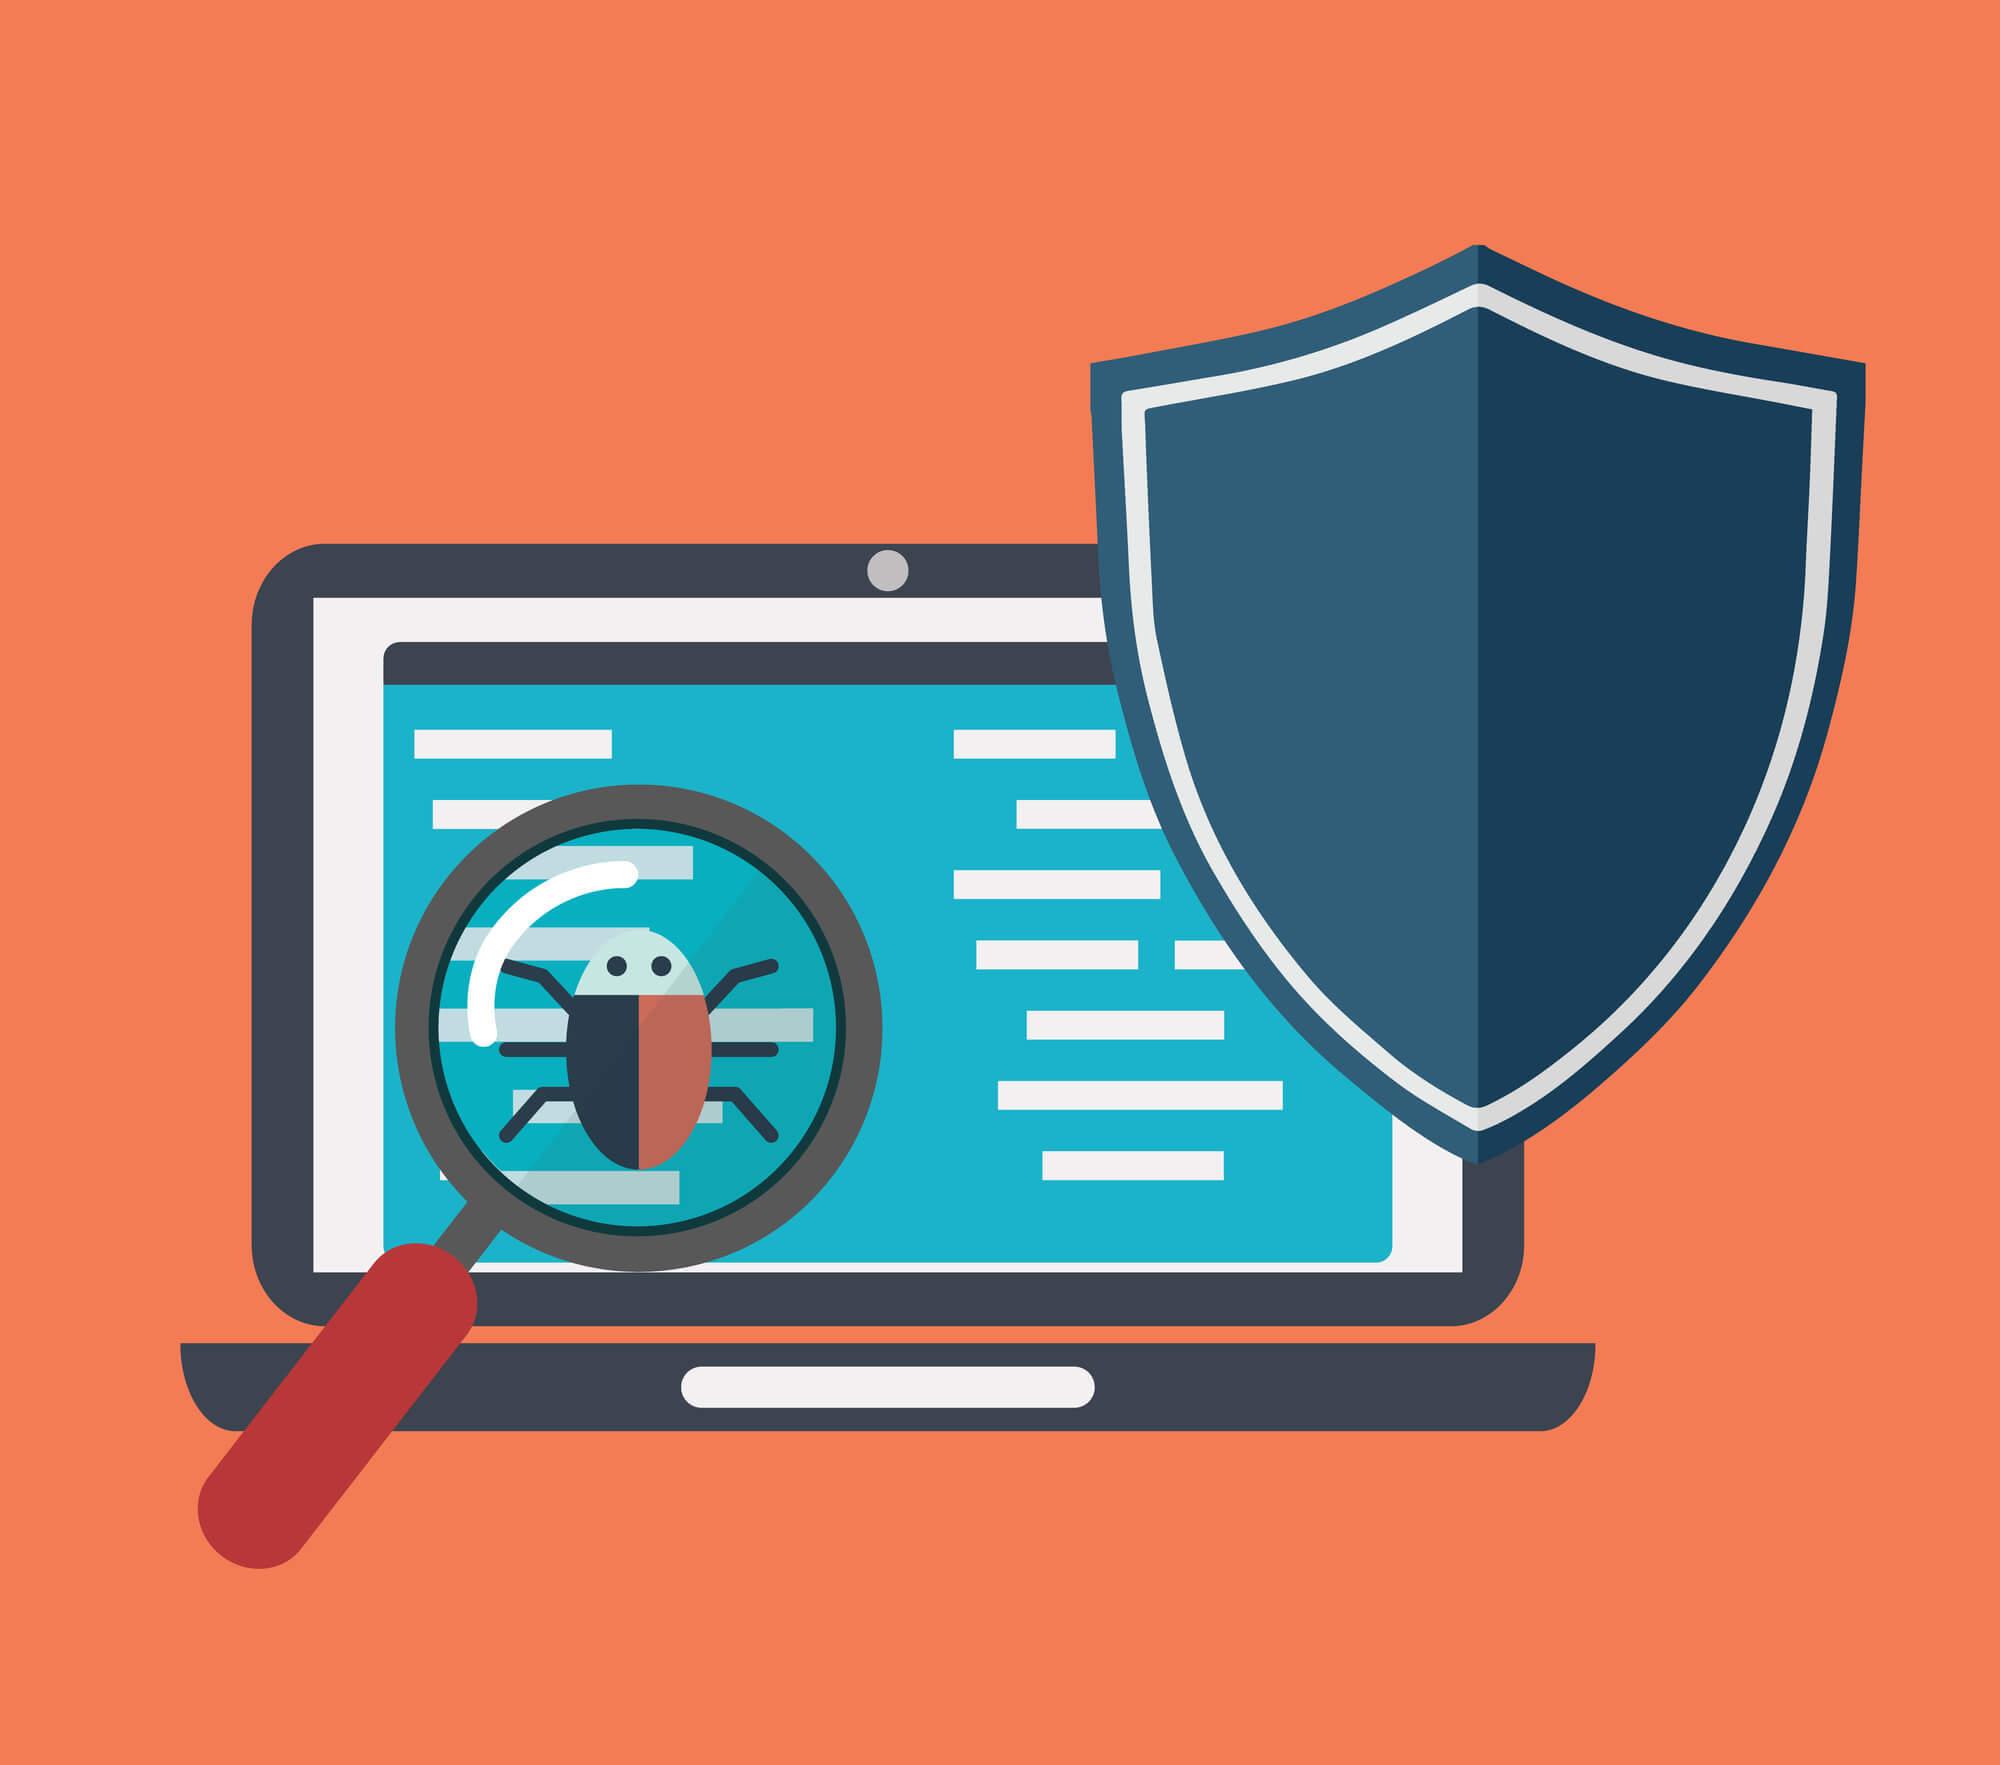 Segurança de dados: saiba como ela é importante para o seu negócio